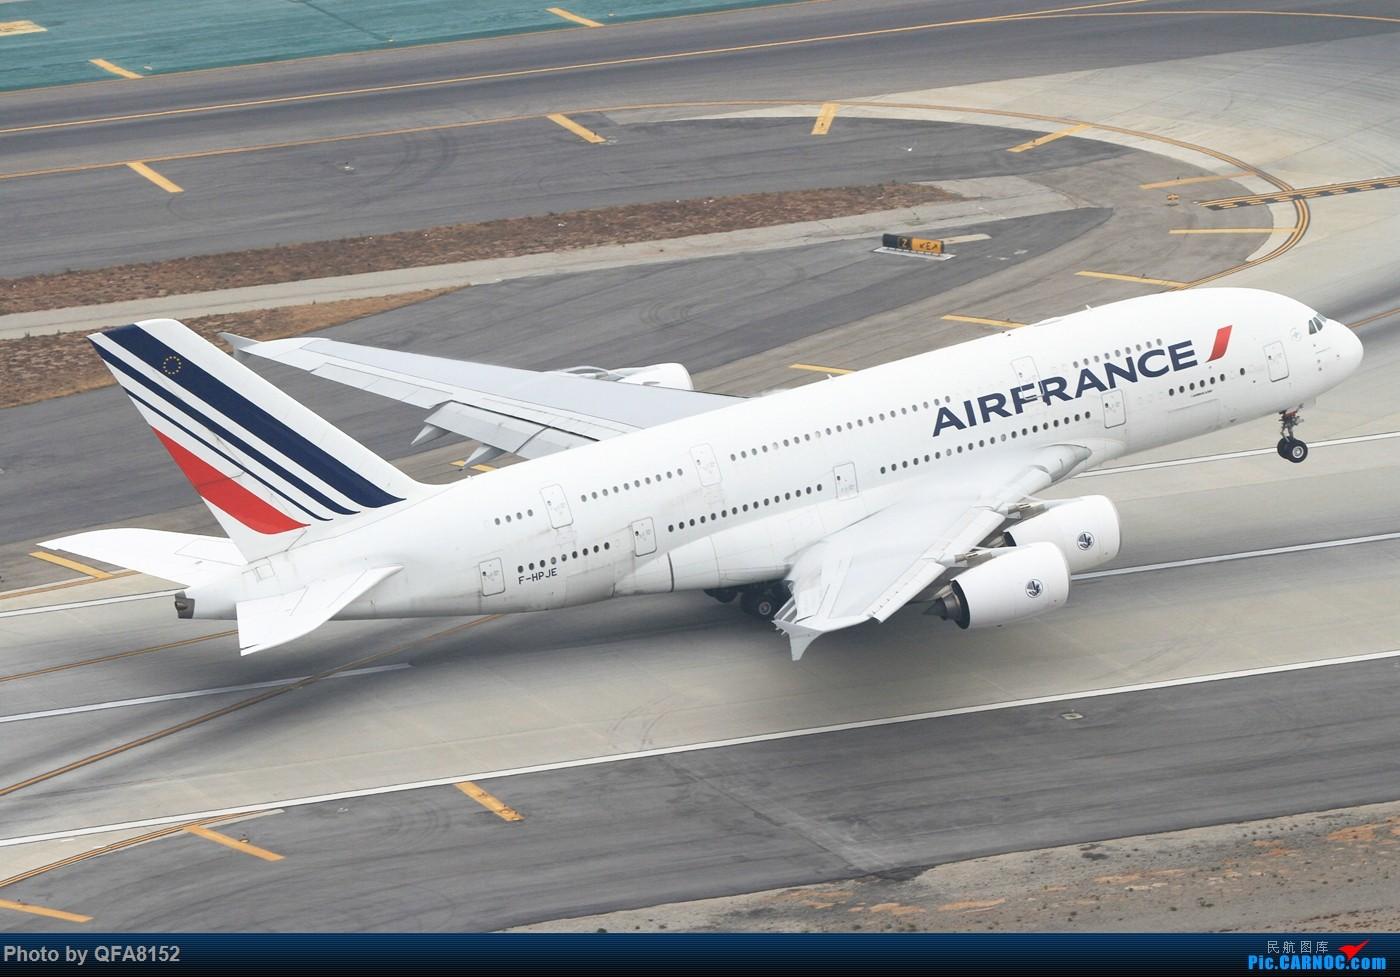 Re:[原创]也算是实现一个愿望了 AIRBUS A380-800 F-HPJE 洛杉矶国际机场